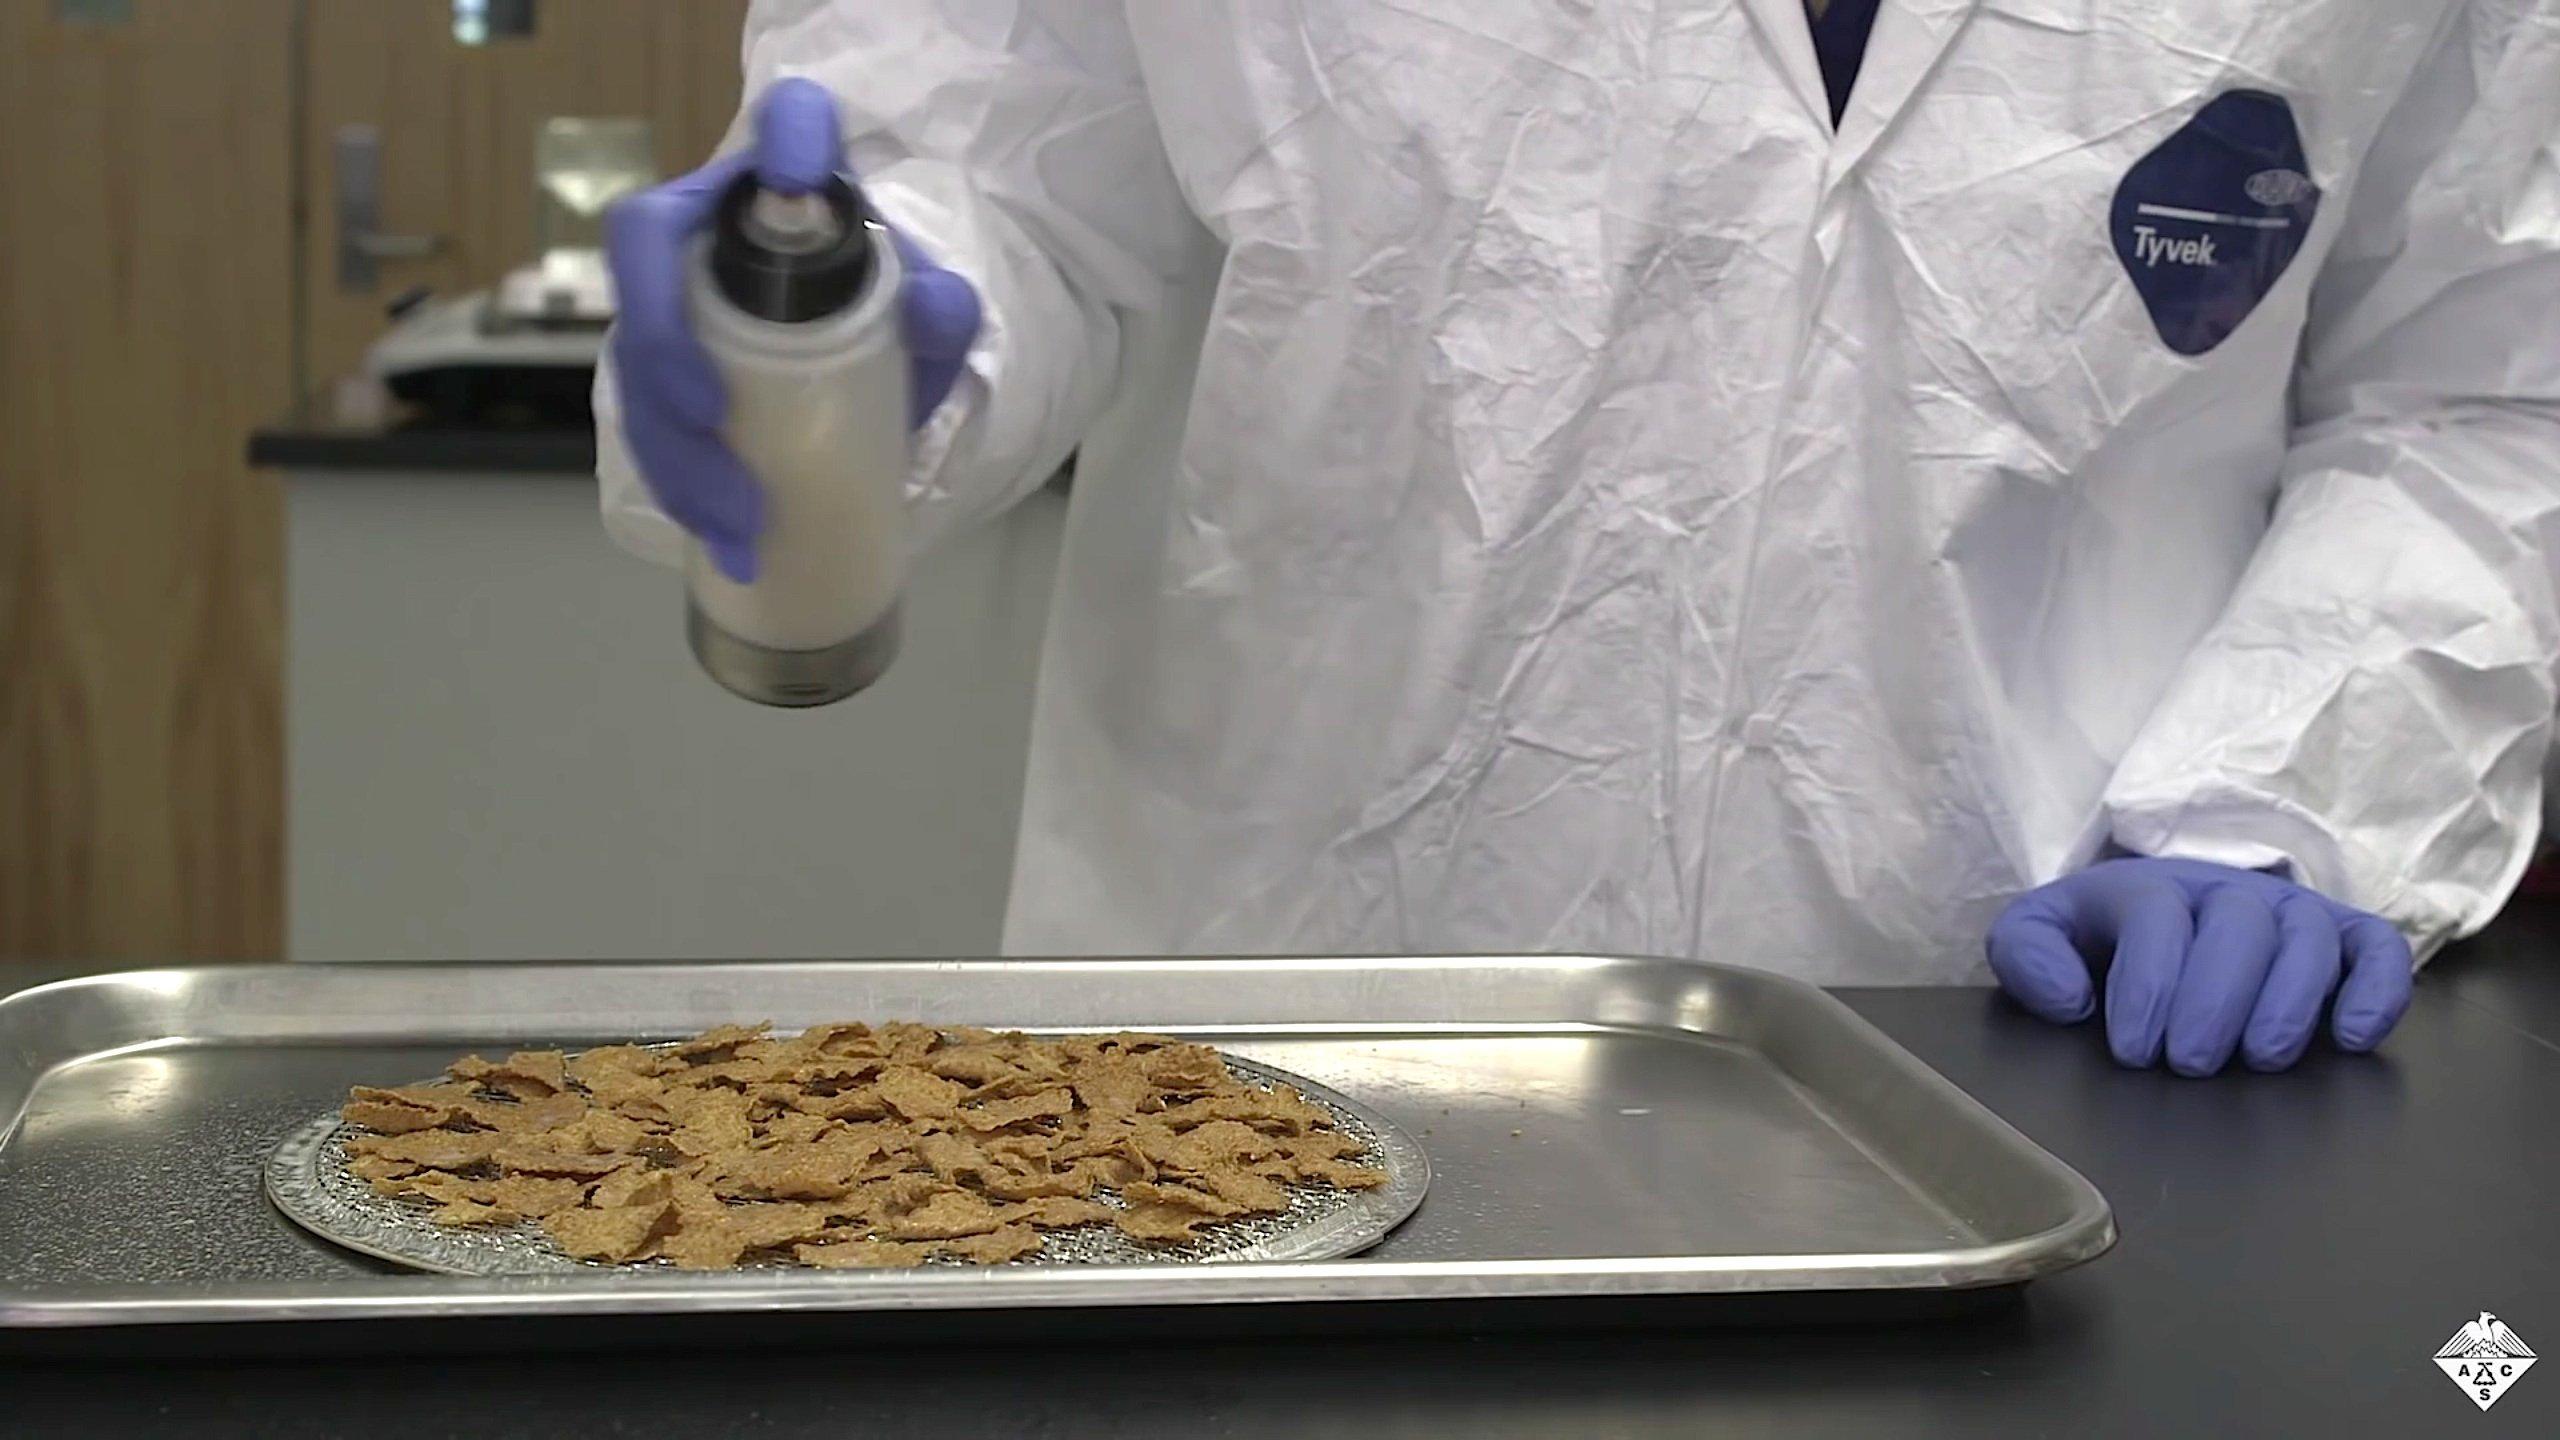 Auch zur Beschichtung von Cornflakes eignet sich das Folienmaterial in flüssiger Form. Es hält die Flakes kross. Dafür wird sonst eine Zuckerschicht benutzt.